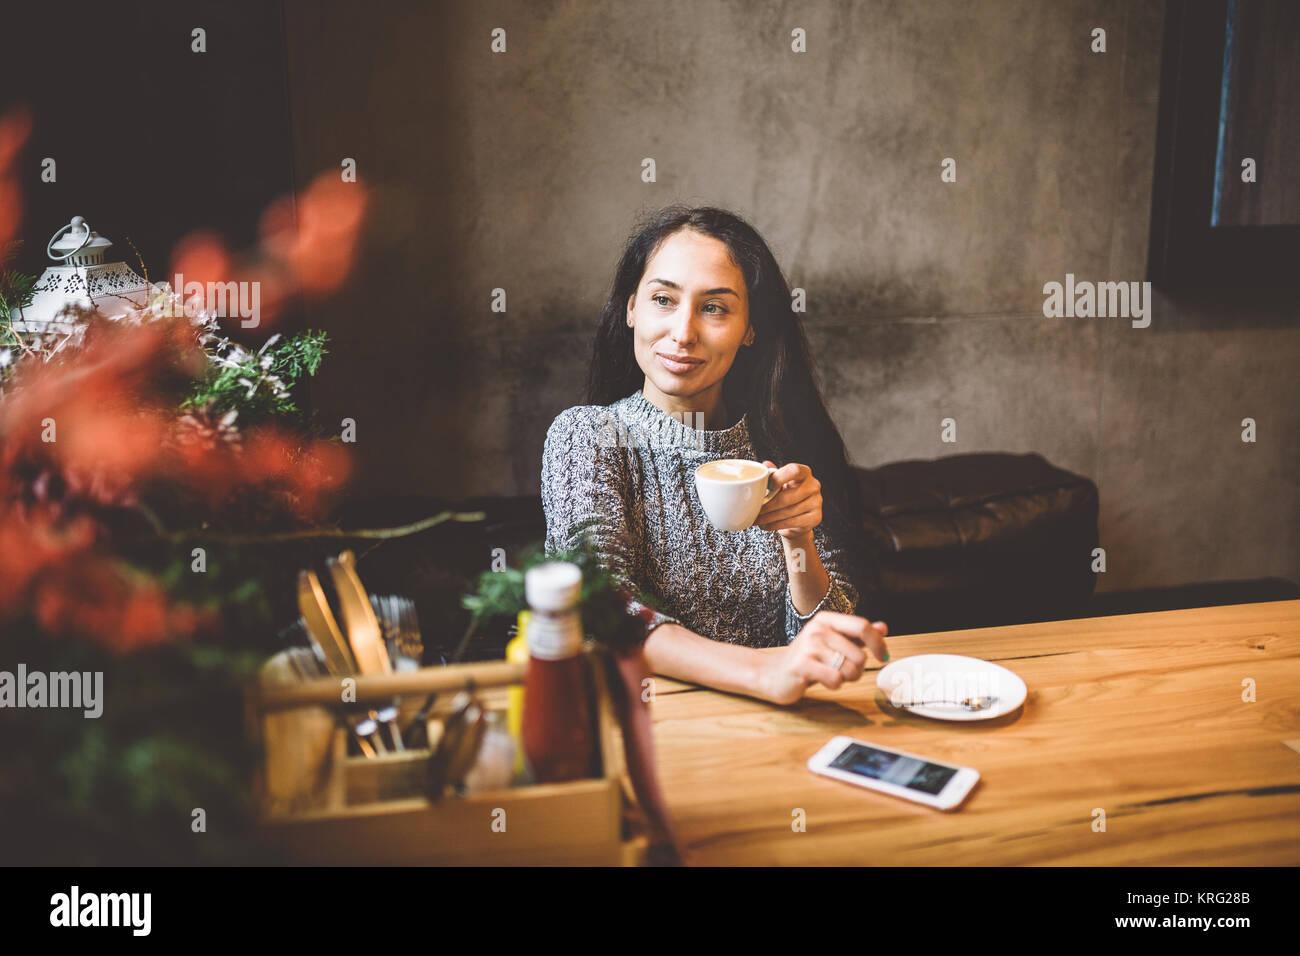 Hermosa niña bebe café en una taza blanca, junto a su teléfono celular en una cafetería decorada Imagen De Stock